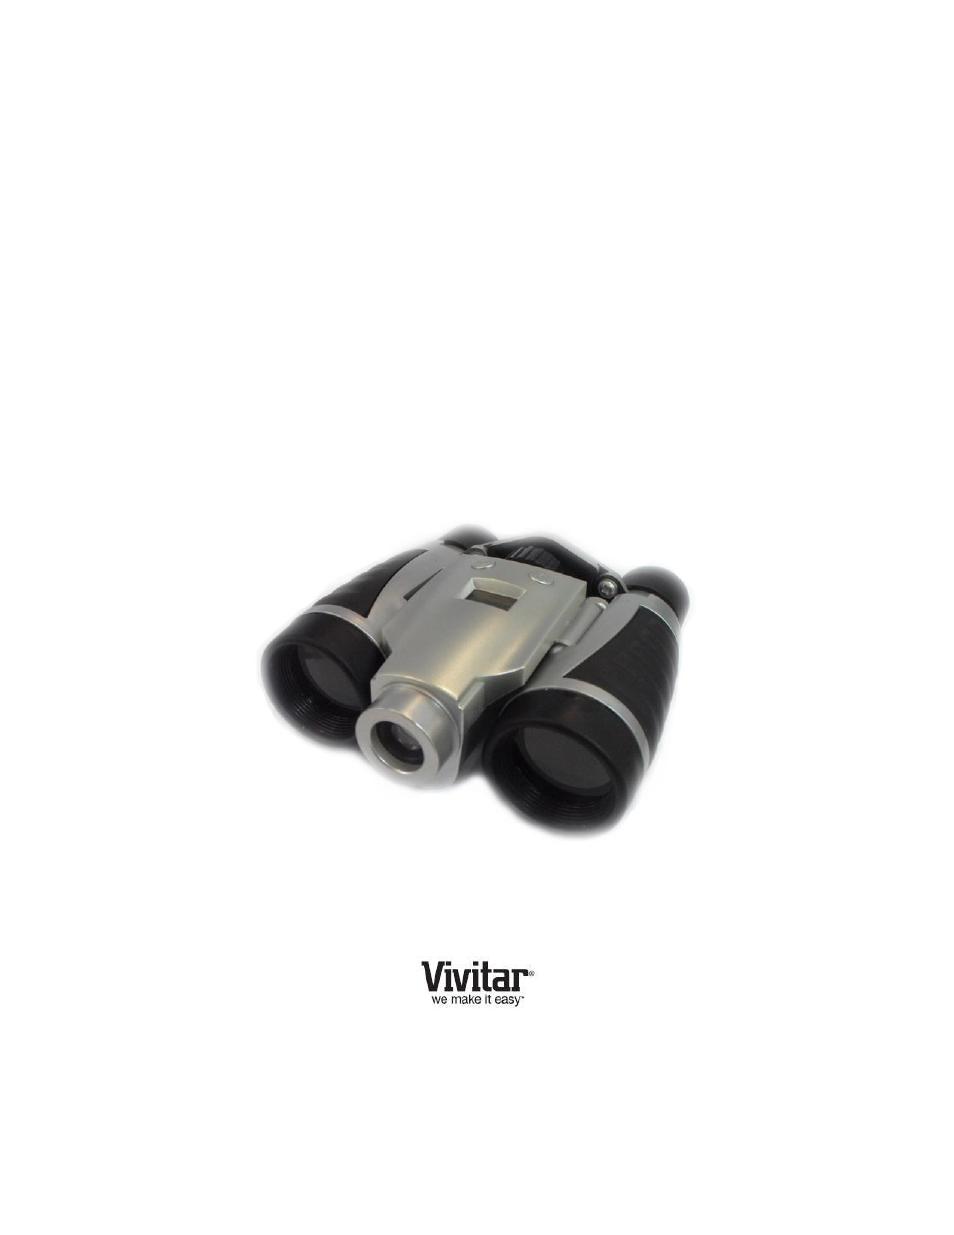 Vivitar 12x25 digital camera binocular viv-cv-1225v b&h photo.